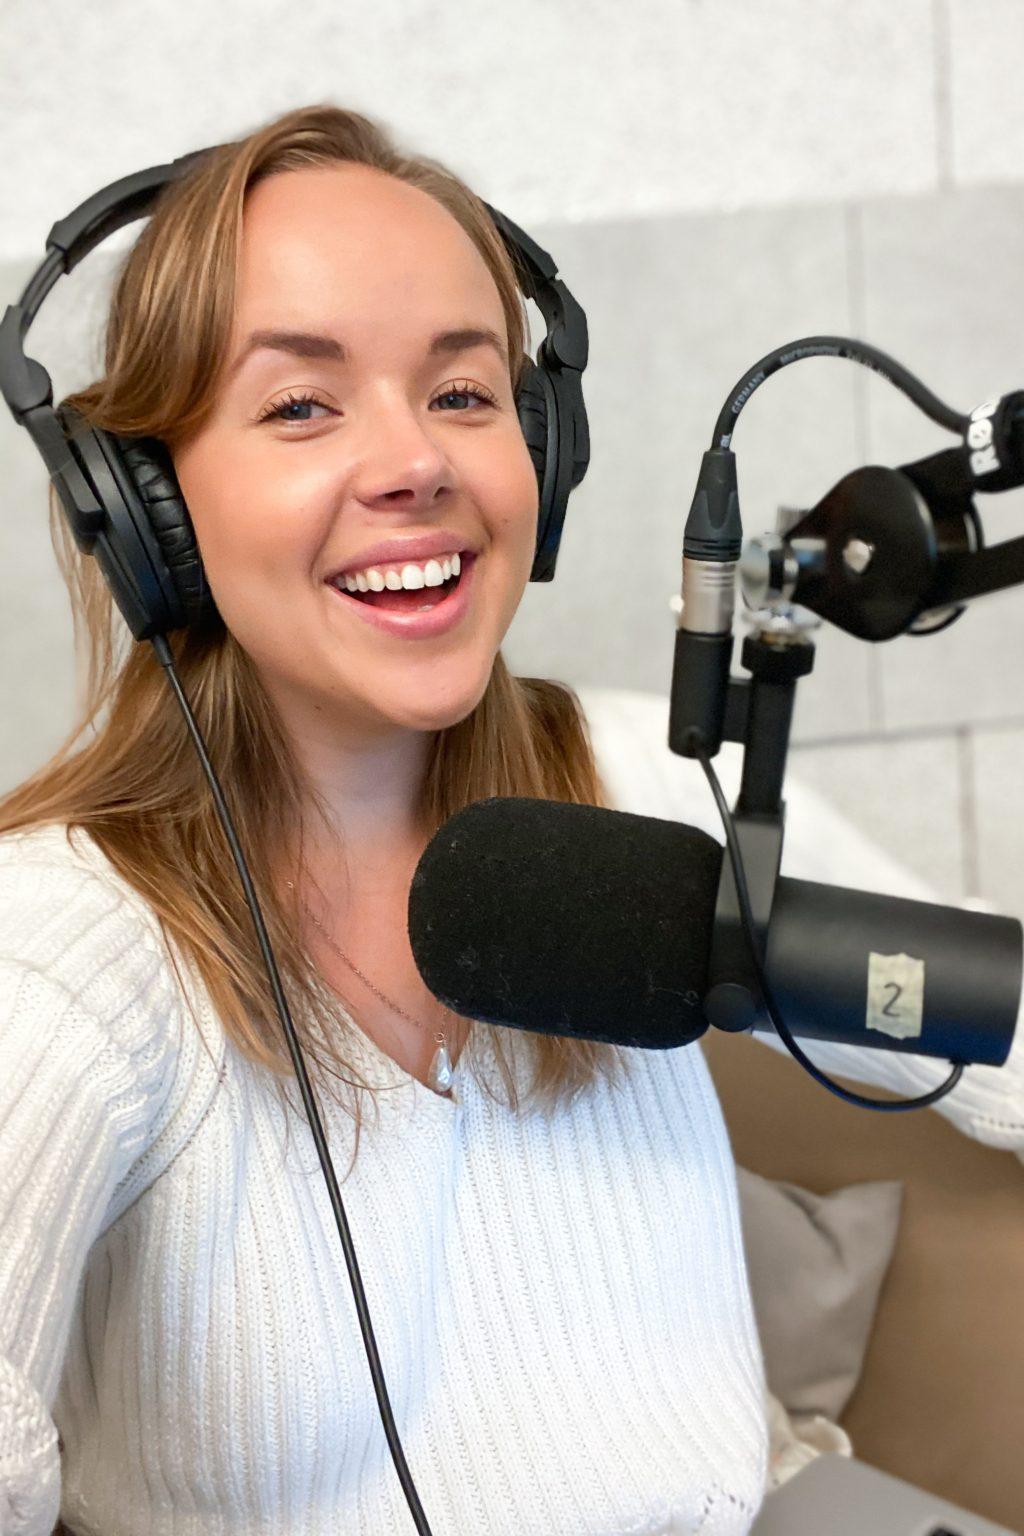 Homevialaura, Kaunis järjestys podcast, järjestys lapsiperheessä ja tavarakasvatus, Sara Parikka